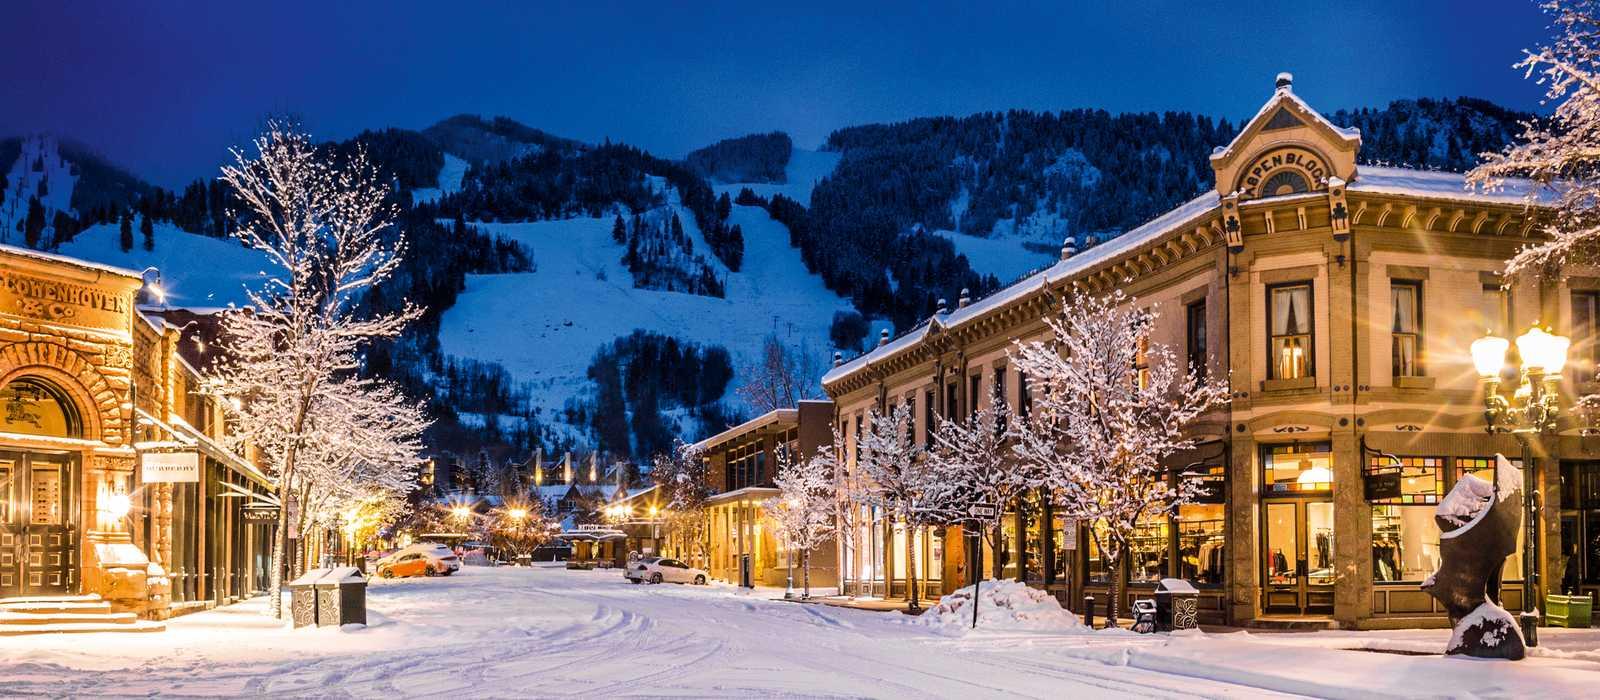 Aspen Village bei Nacht